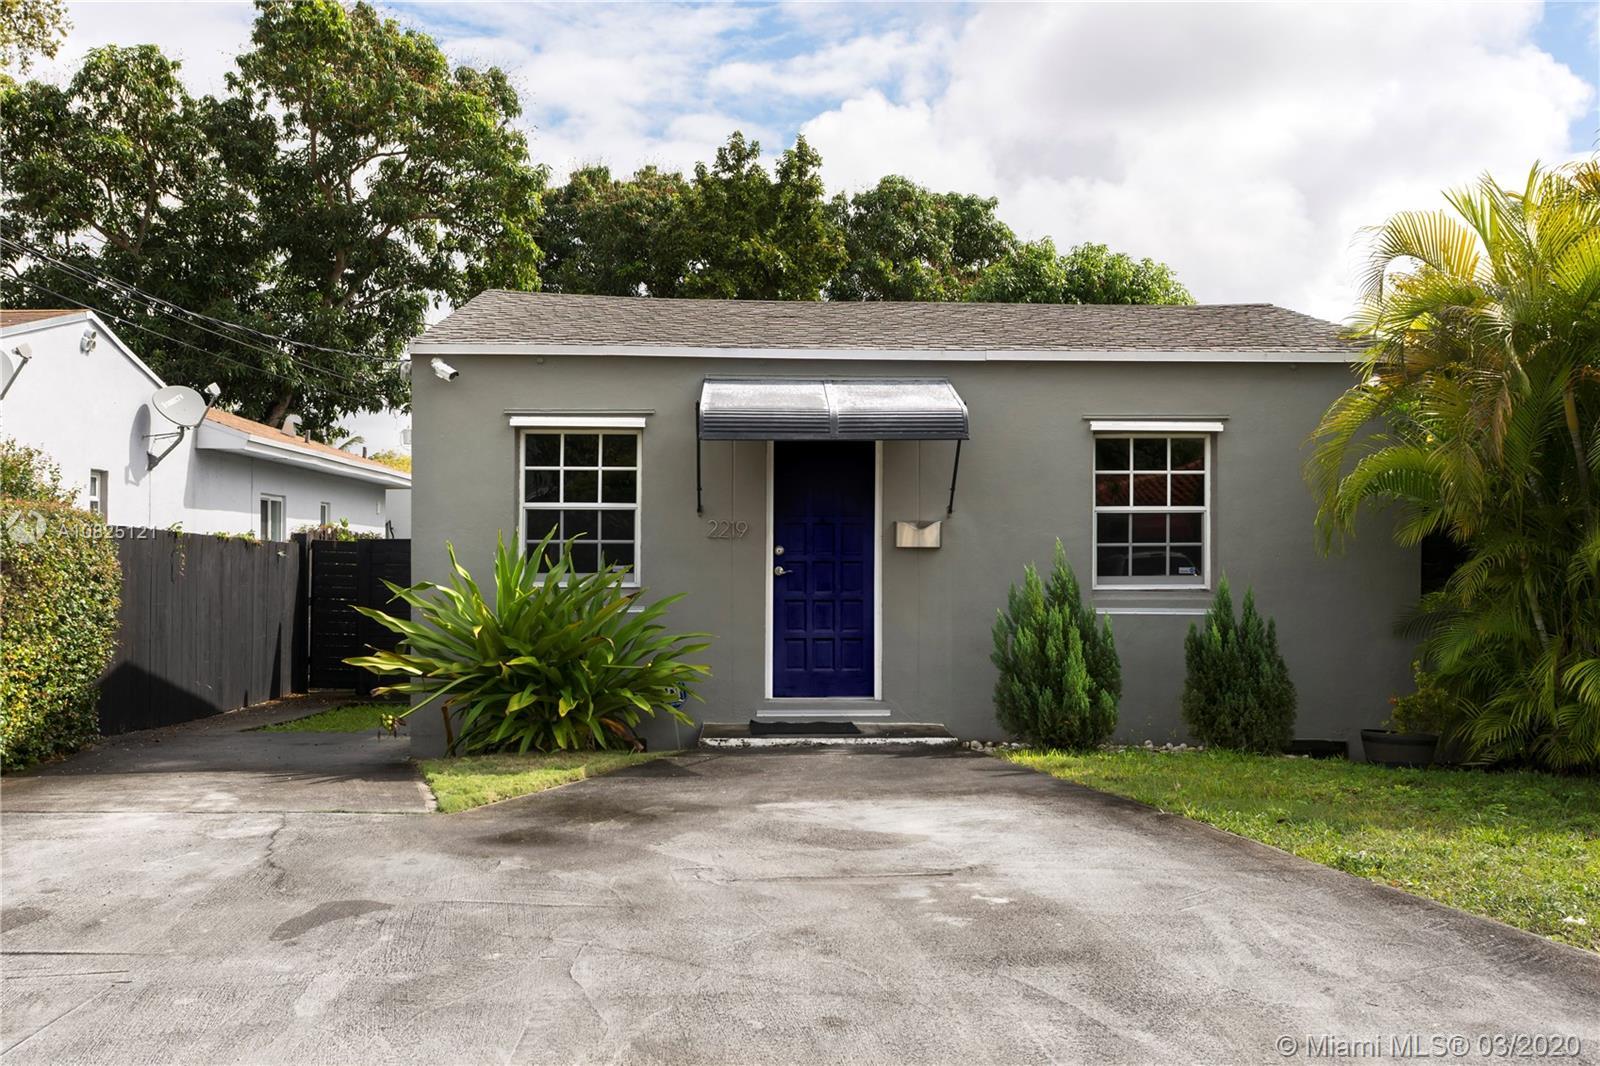 2219 SW 60th Ct, Miami, FL 33155